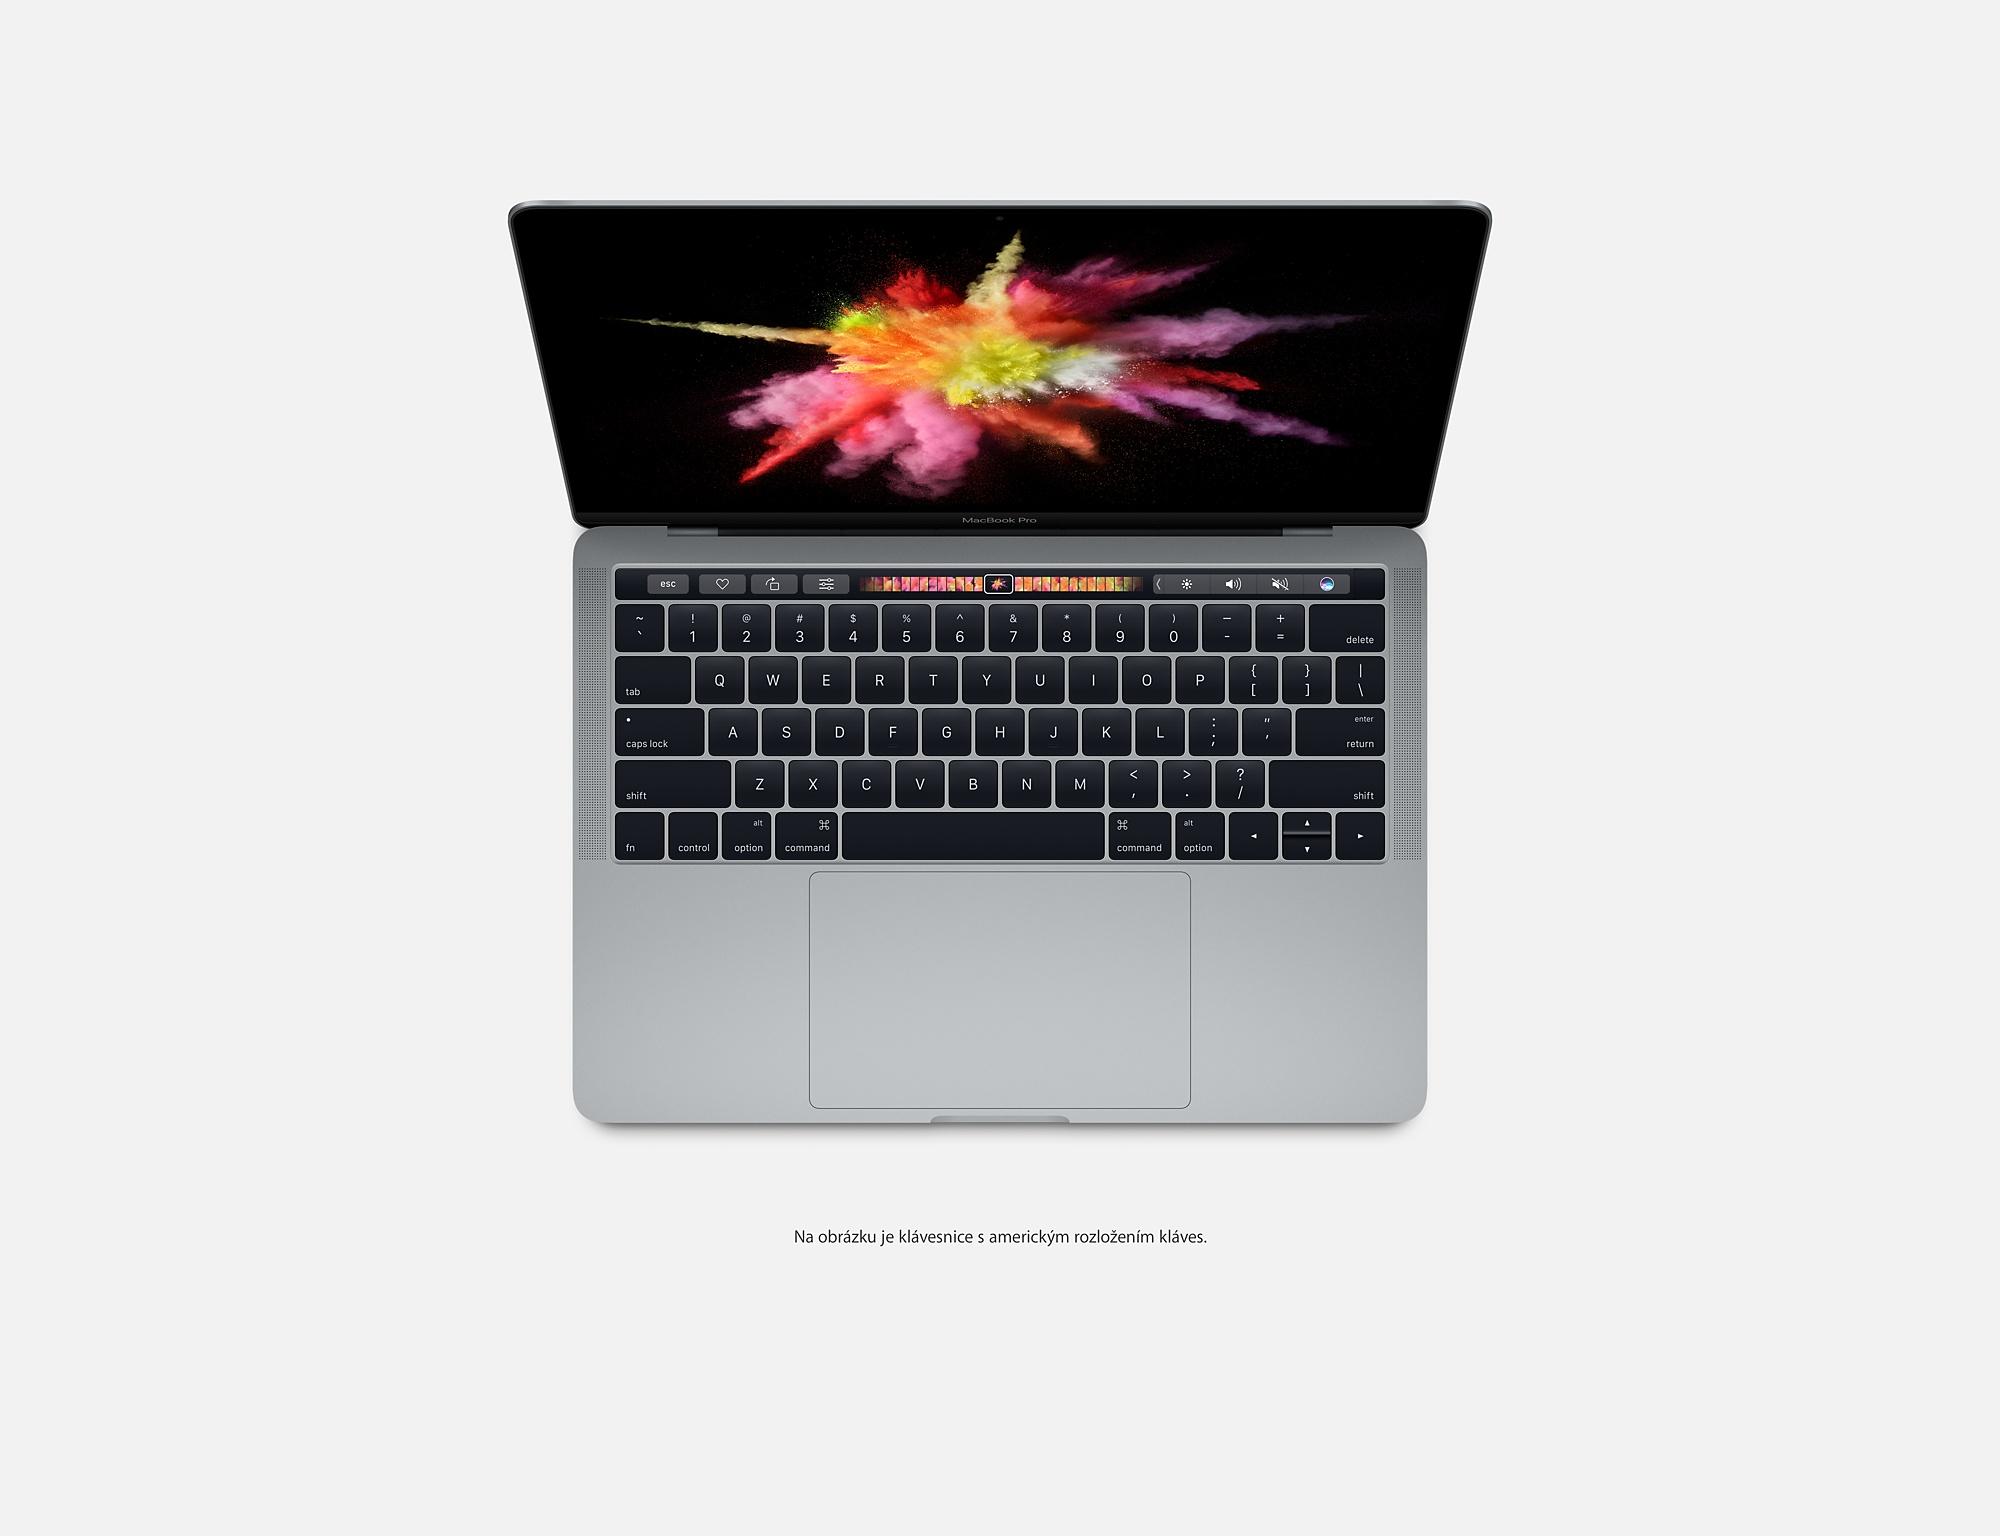 MacBook Pro 13'' i5 2.9GHz/ 8G/ 256/ TB/ CZ/ Sp Gray